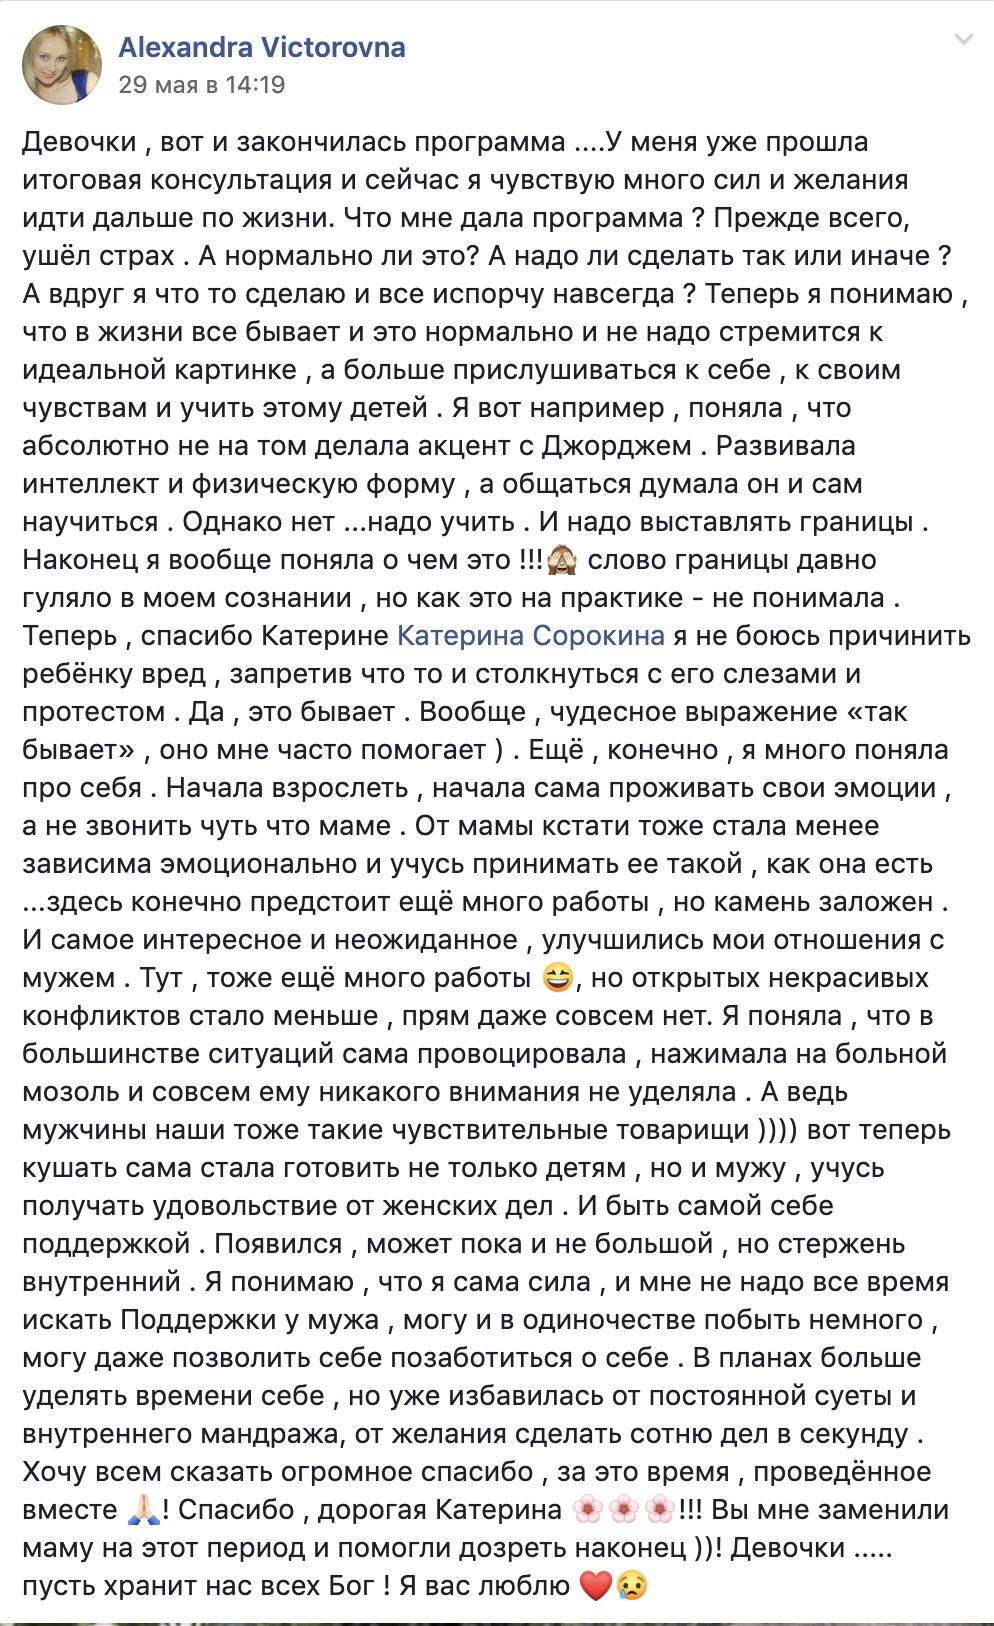 Котельникова